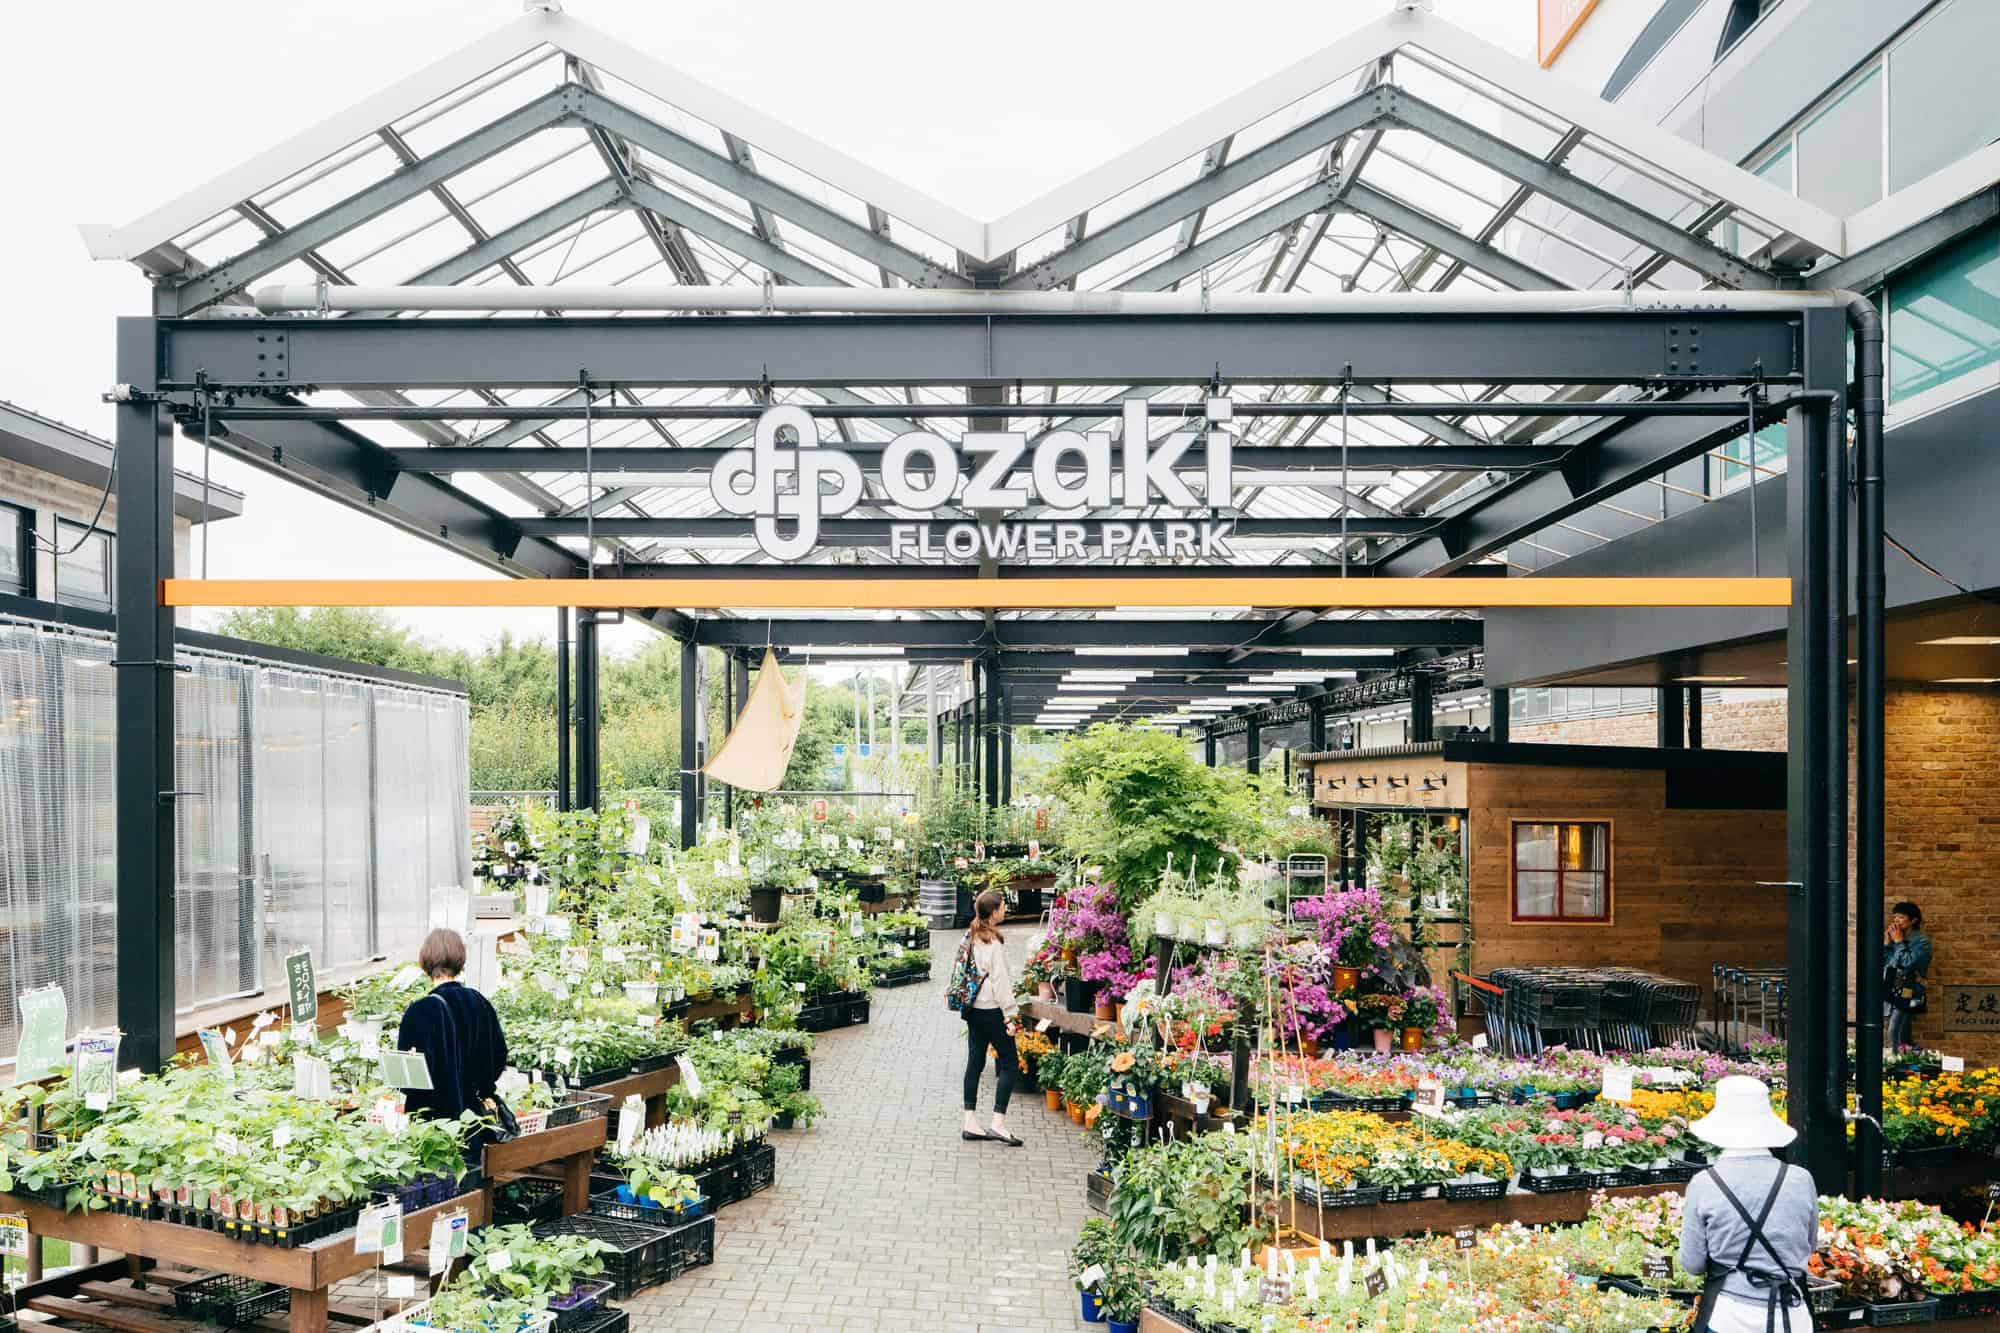 แคคตัสในญี่ปุ่น : โอซากิ ฟลาวเวอร์ พาร์ค (Ozaki Flower Park) โตเกียว